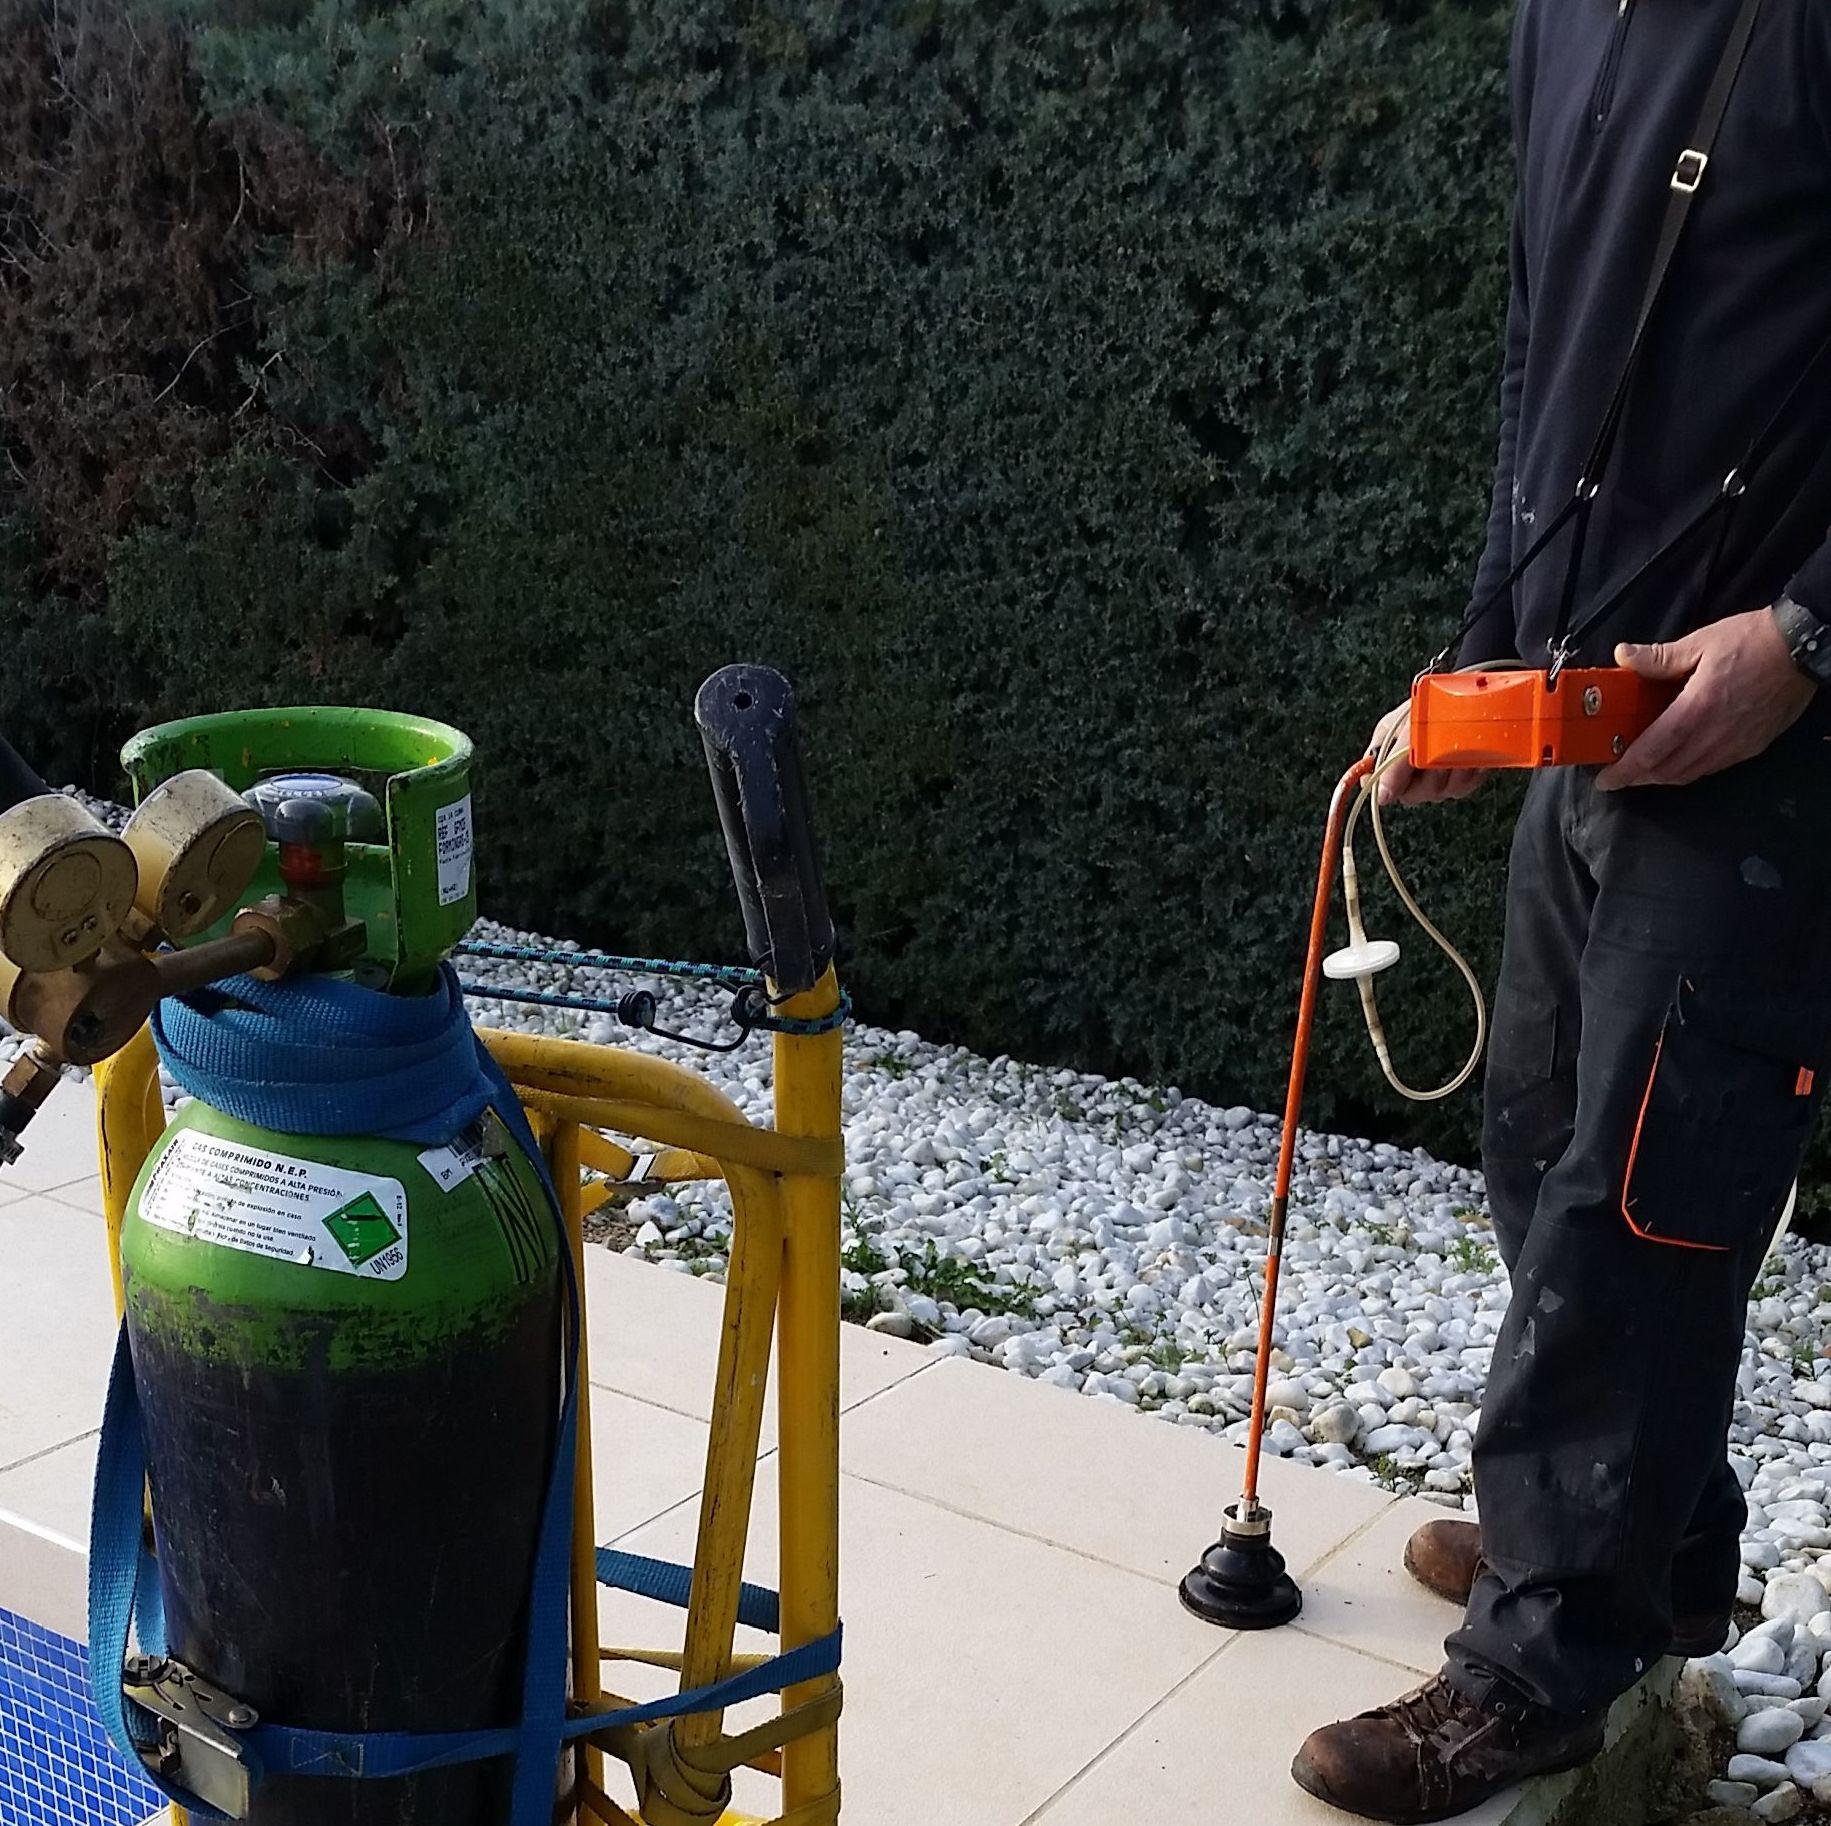 Localizaci n de fugas de agua for Fugas de agua madrid